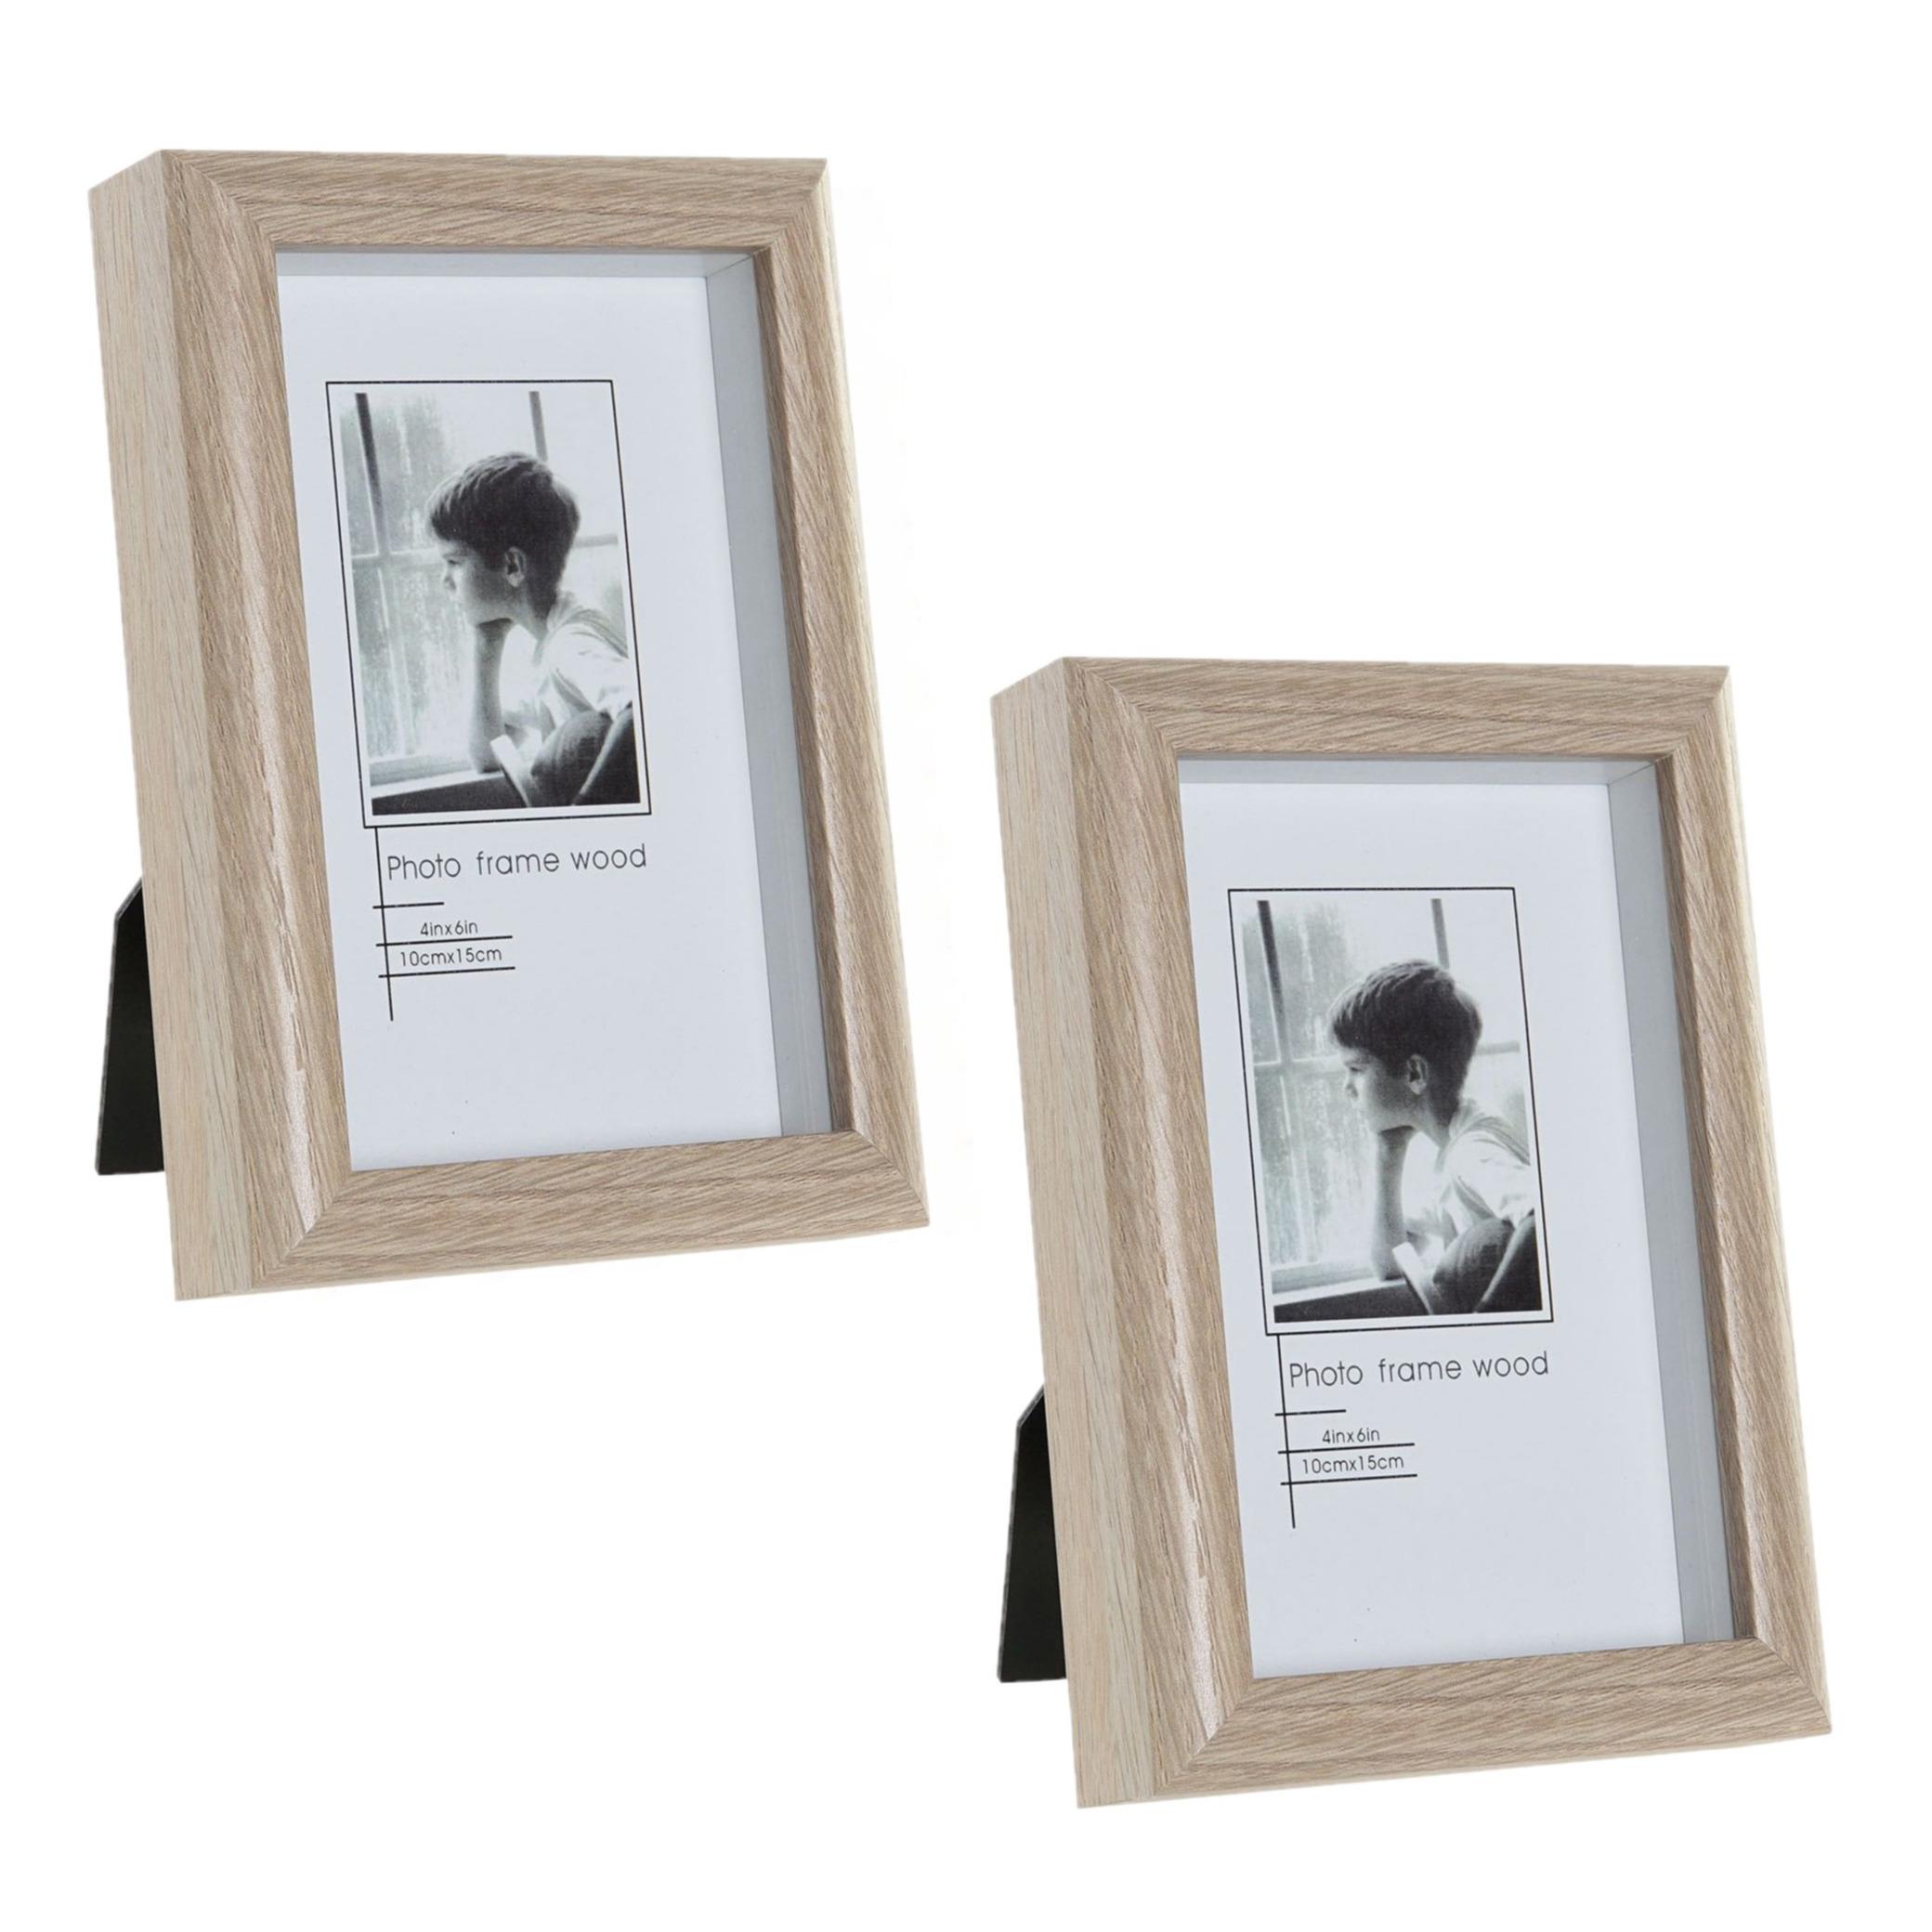 2x stuks fotolijstjes hout geschikt voor een foto van 10 x 15 cm